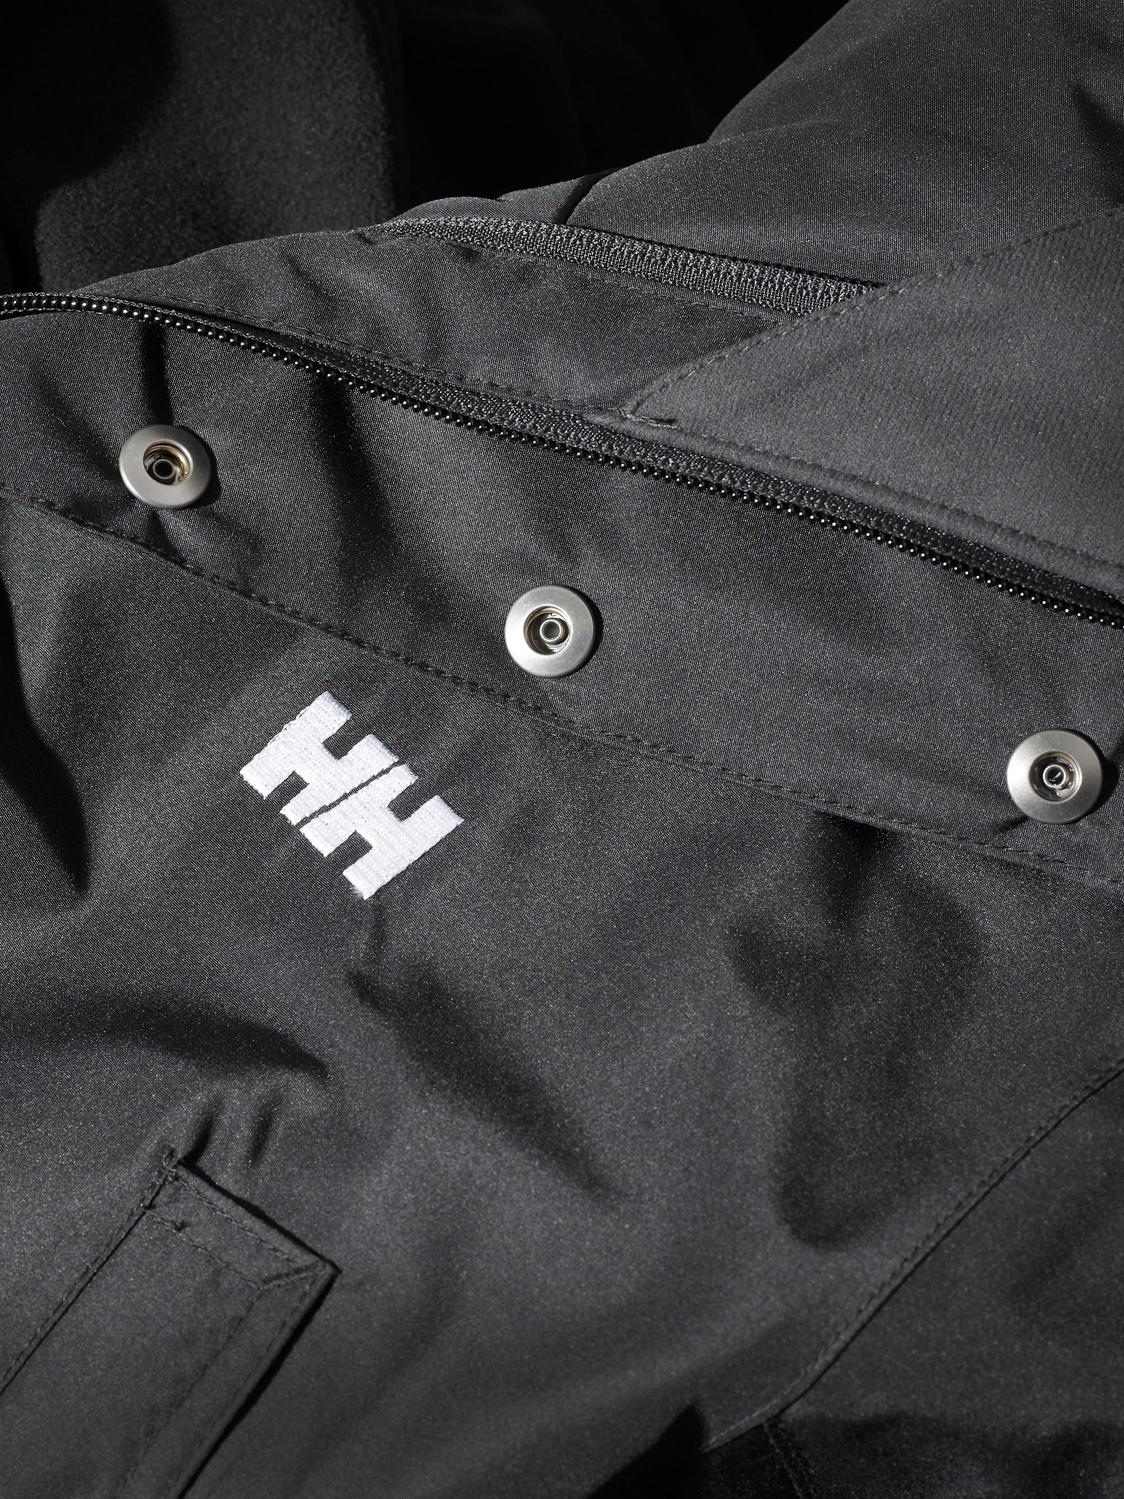 Helly Hansen Helly Hansen 3 in 1 Dublin Parka Black for Men